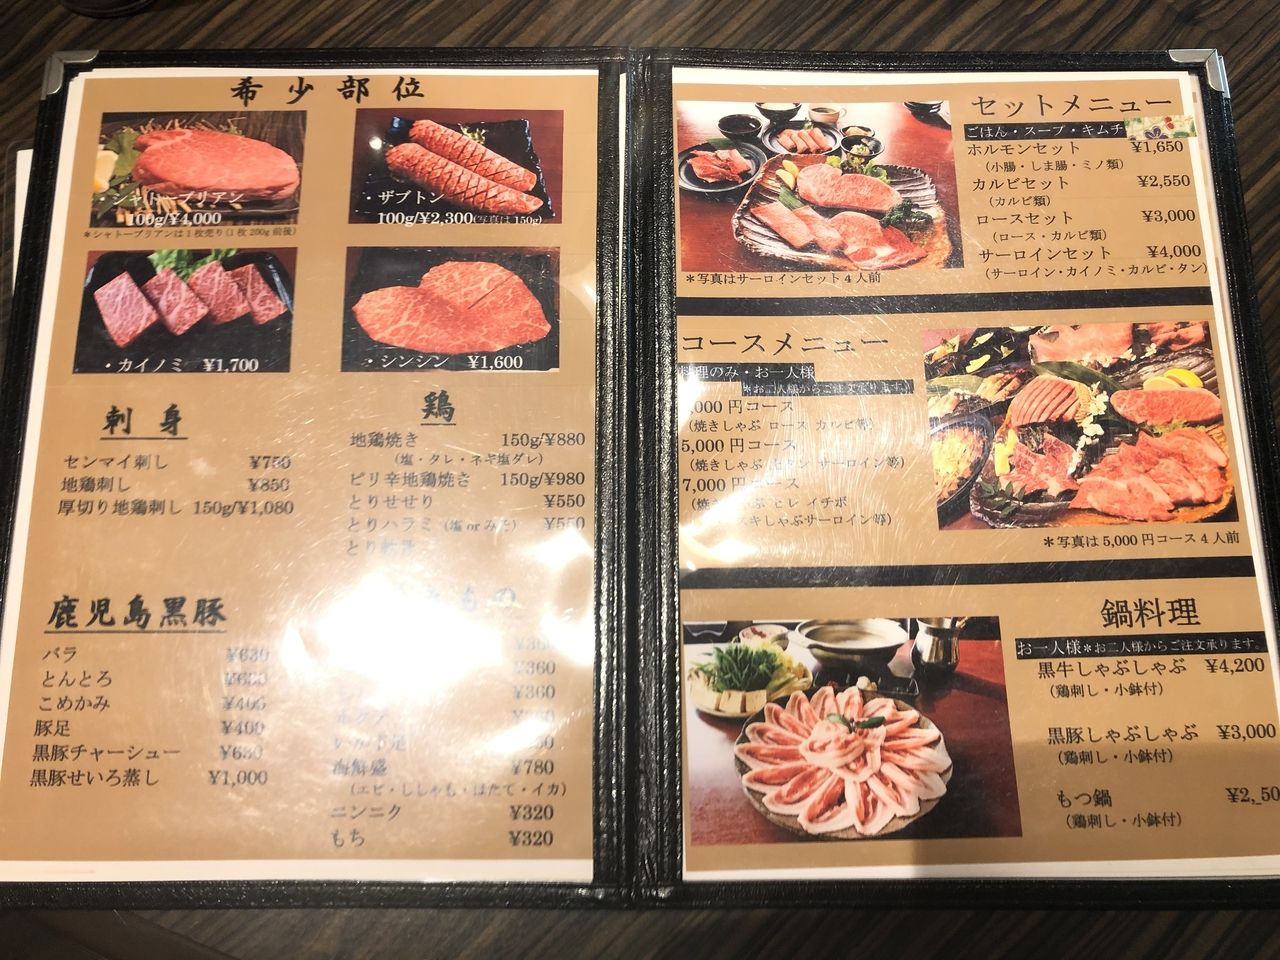 鹿児島県日置市伊集院町猪鹿倉の焼肉・たべもの処松風のメニューを見ると食欲が出てきます。